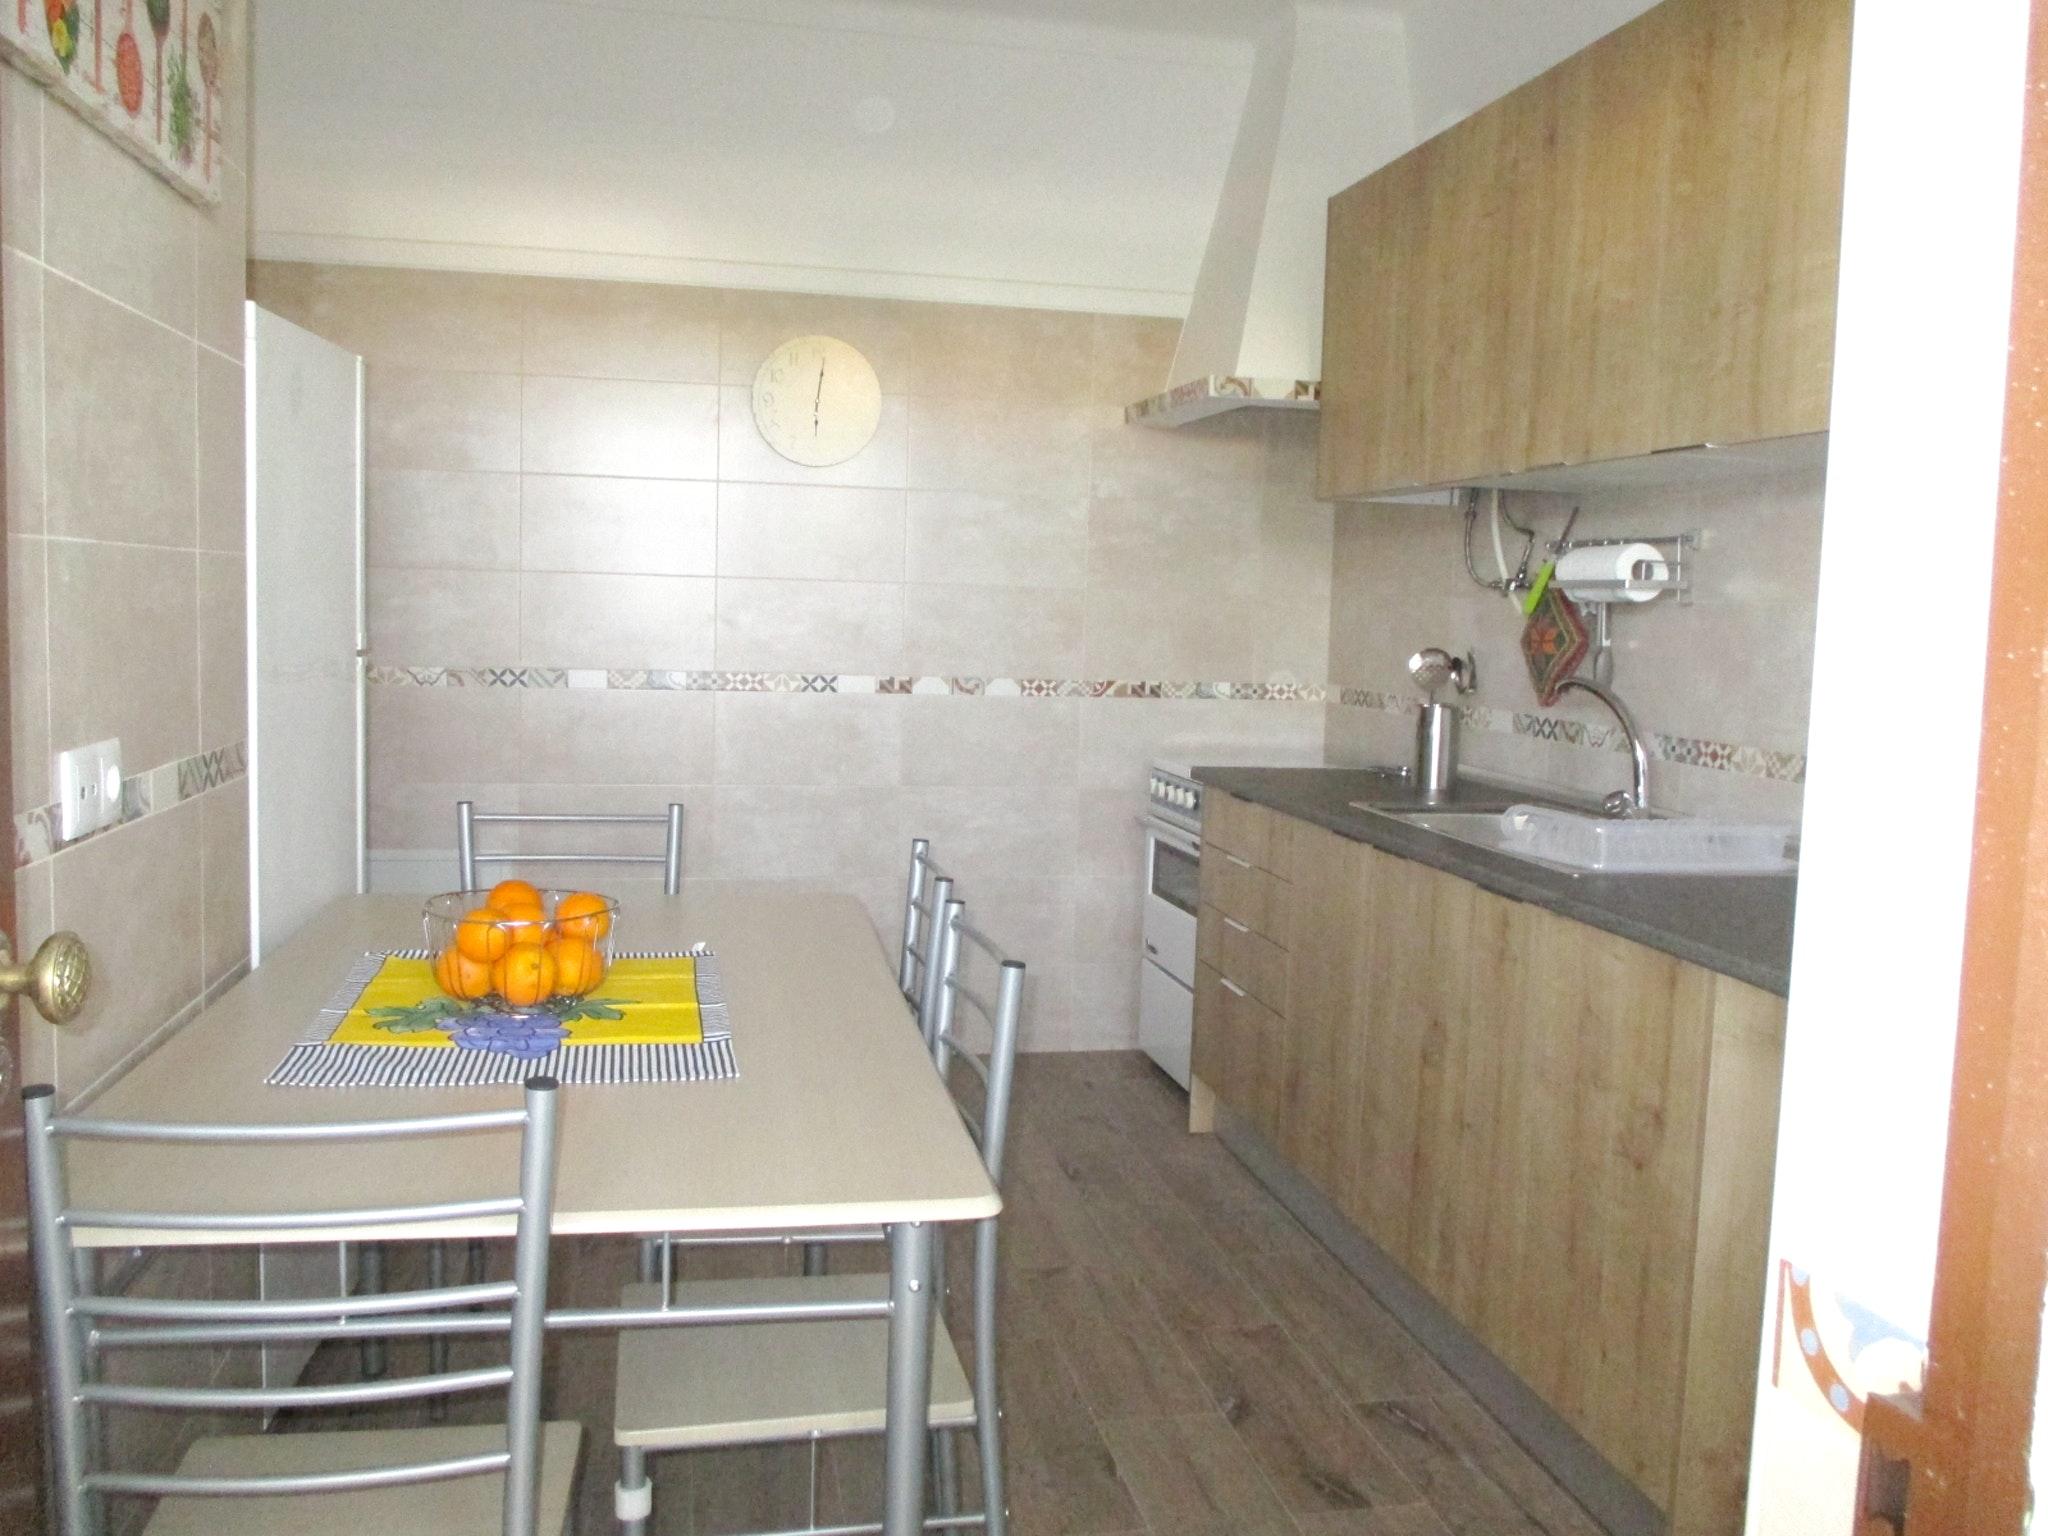 Ferienhaus Haus mit 3 Schlafzimmern in Luz (Luz de Tavira) mit eingezäuntem Garten - 2 km vom Strand  (2426449), Luz, Ria Formosa, Algarve, Portugal, Bild 5